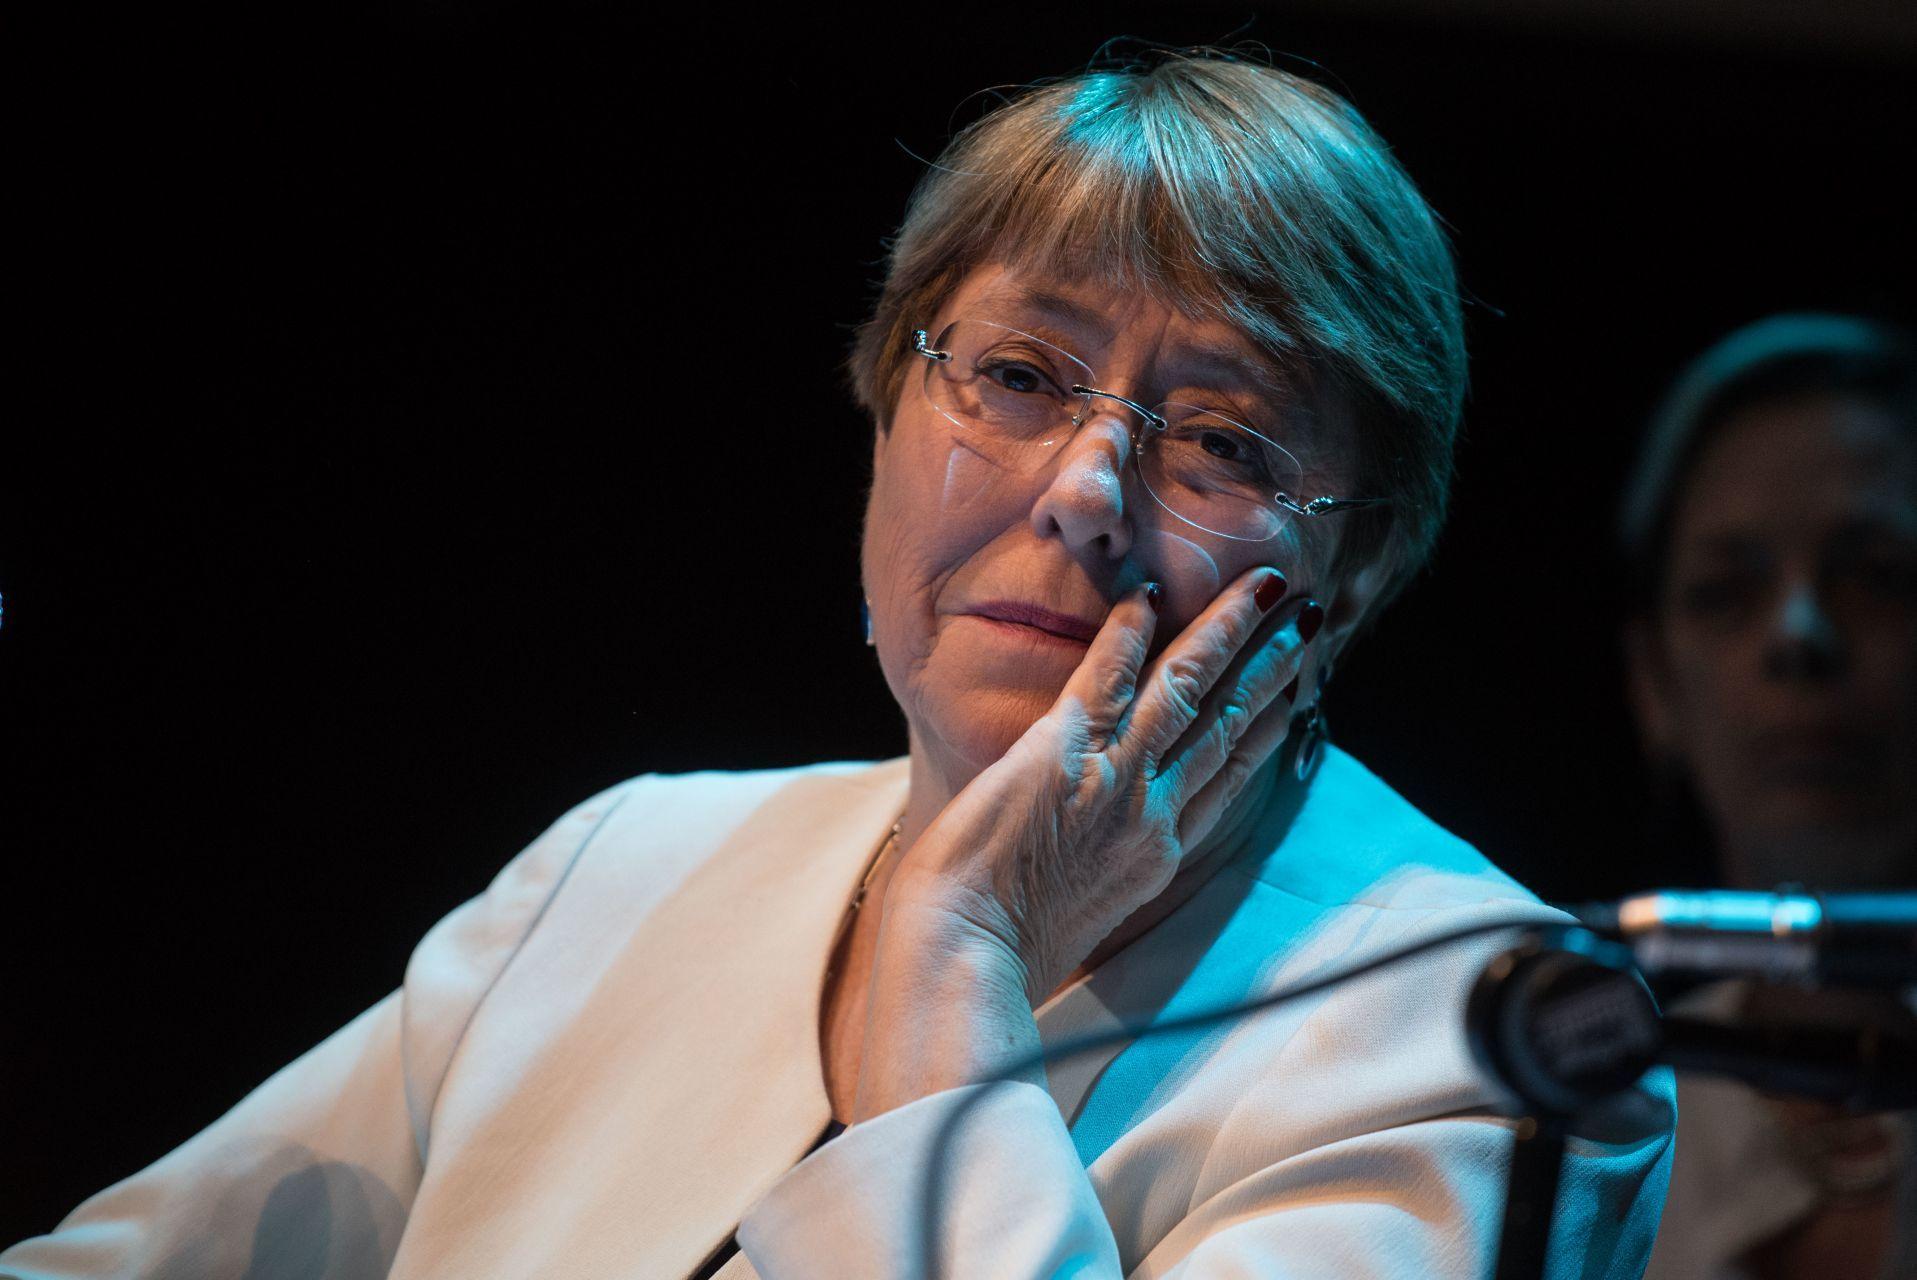 CIUDAD DE MÉXICO, 09ABRIL2019.- Michelle Bachelet, Alta Comisionada de las Naciones Unidas (ONU), presentó esta tarde su declaración en el auditorio del Centro Cultural España con motiva de su visita a México. FOTO: MARIO JASSO /CUARTOSCURO.COM